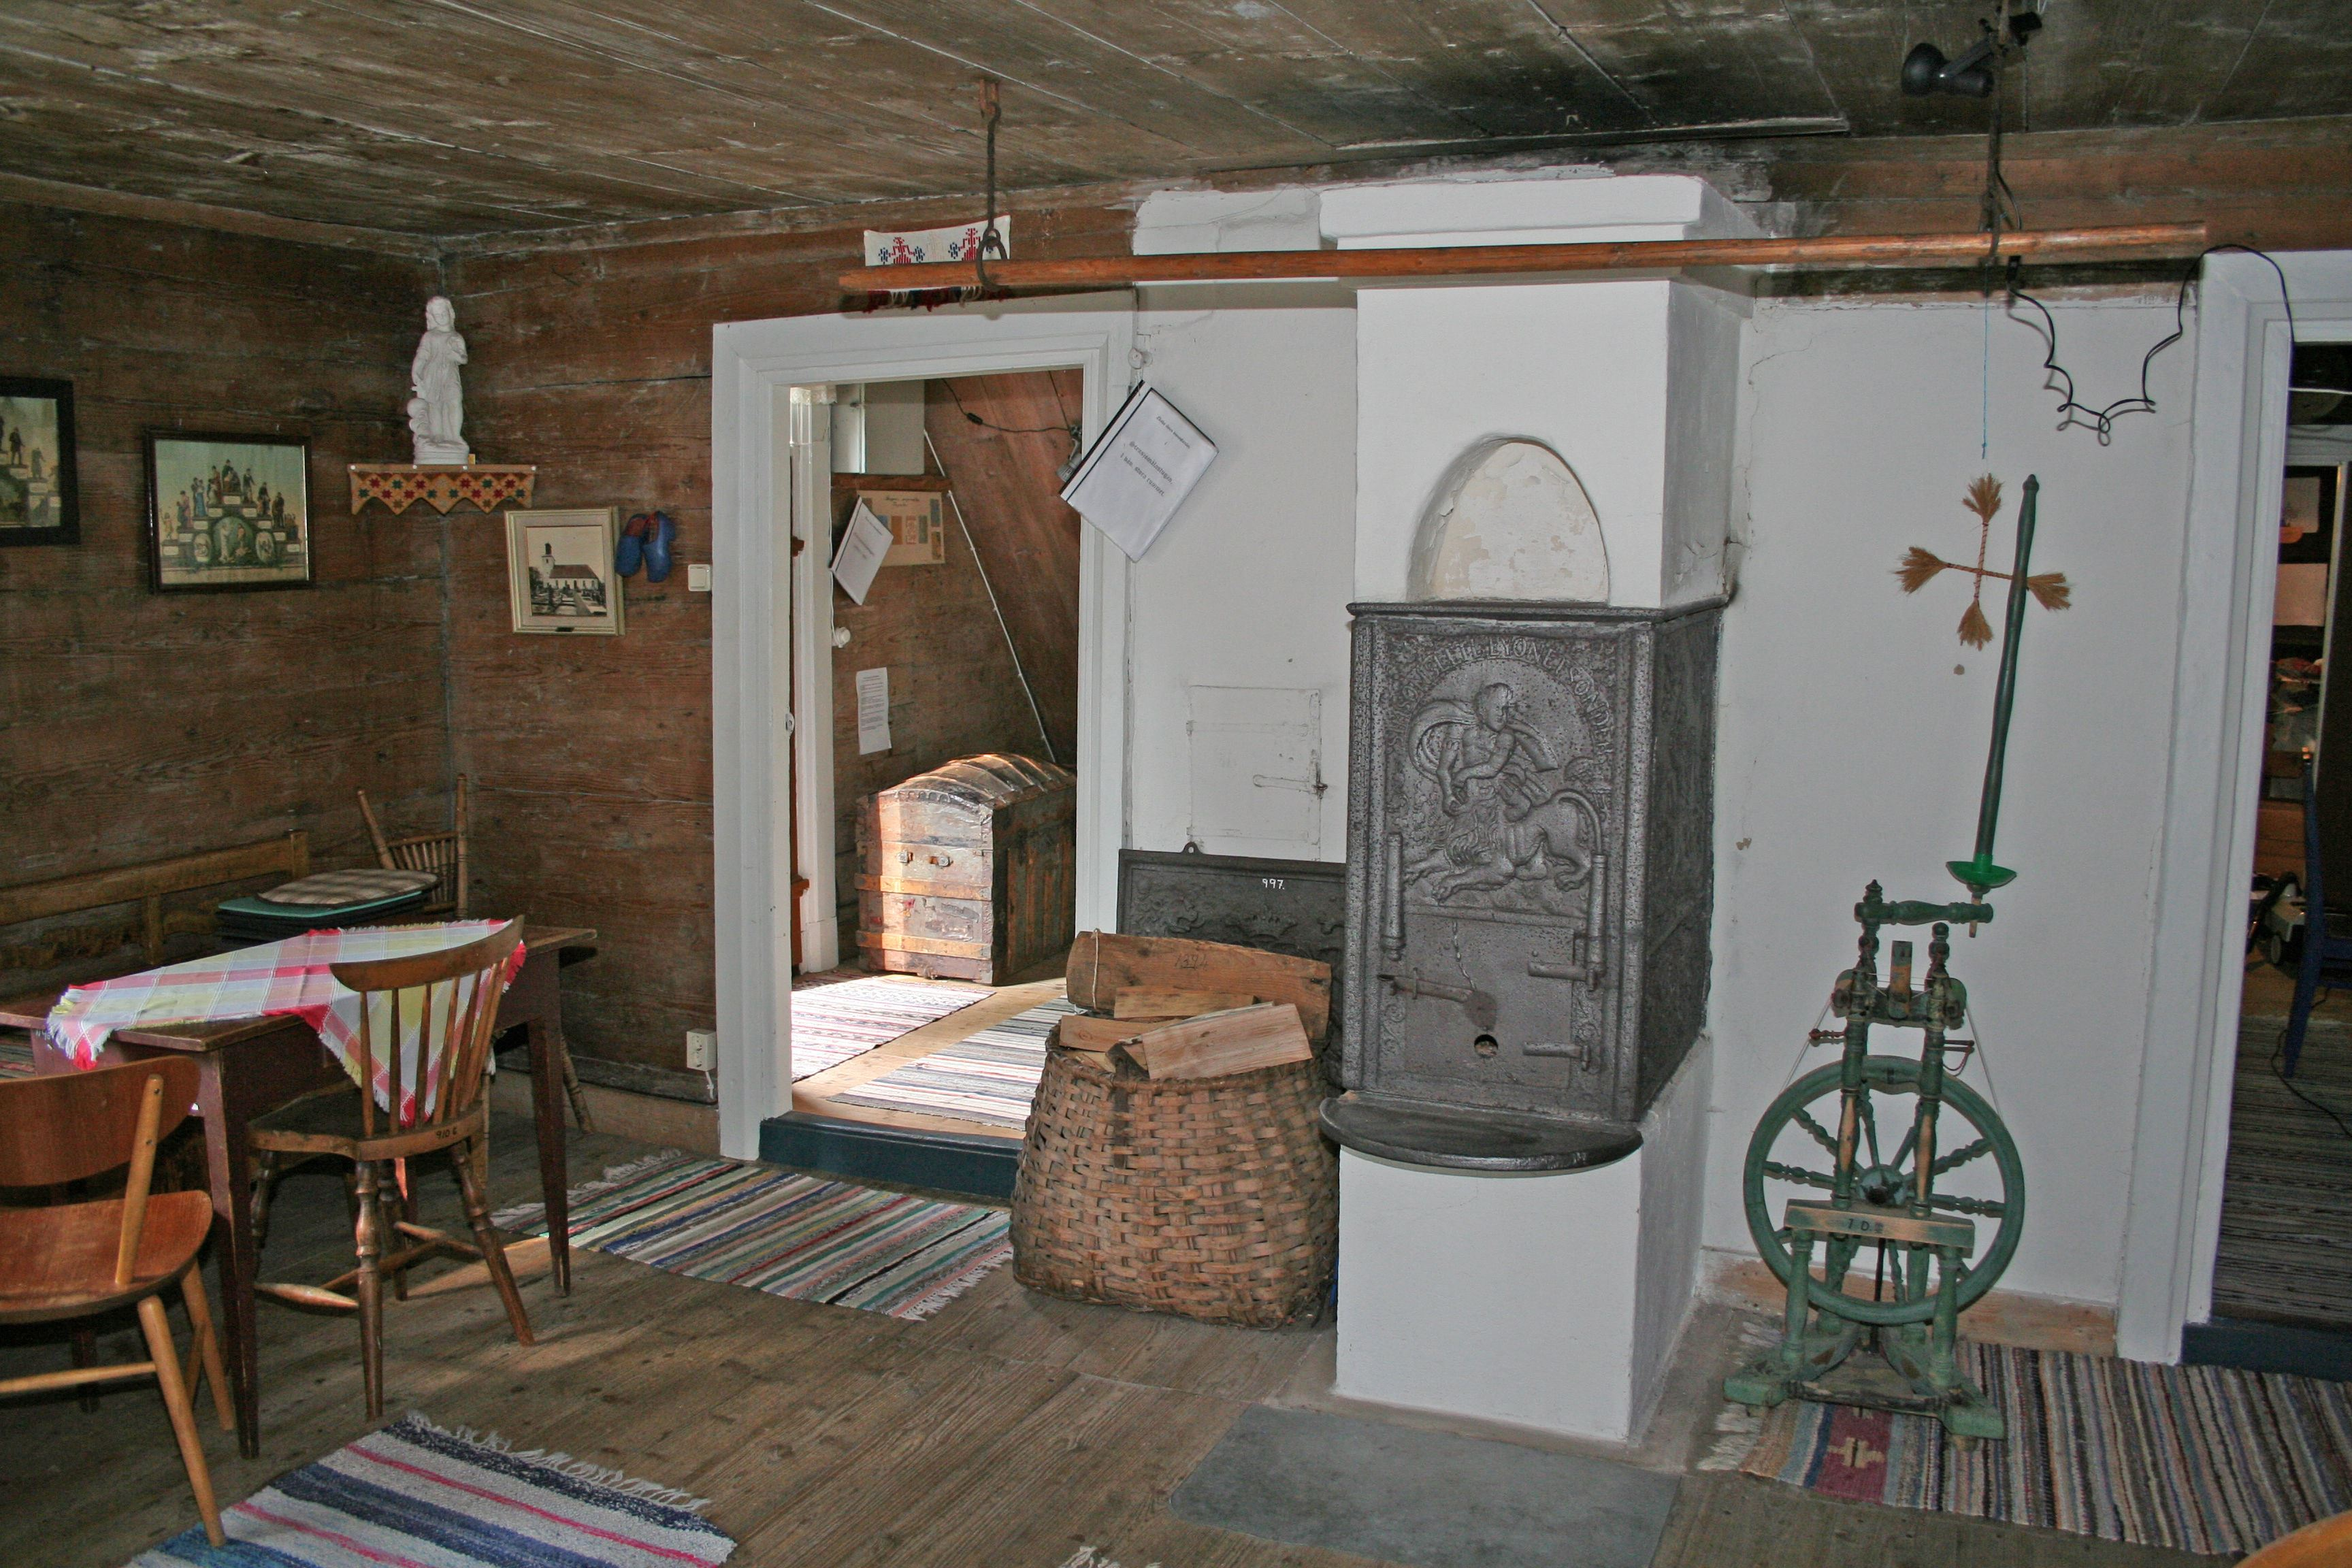 © Ryds Hembygdsförening, Hembygdsgården i Ryd. Stensjömålastugan från 1850-talet Bottenvåningens kök och rum. 1800-tals inredning och möblering. Ovanvåningen är museum med många gamla föremål.